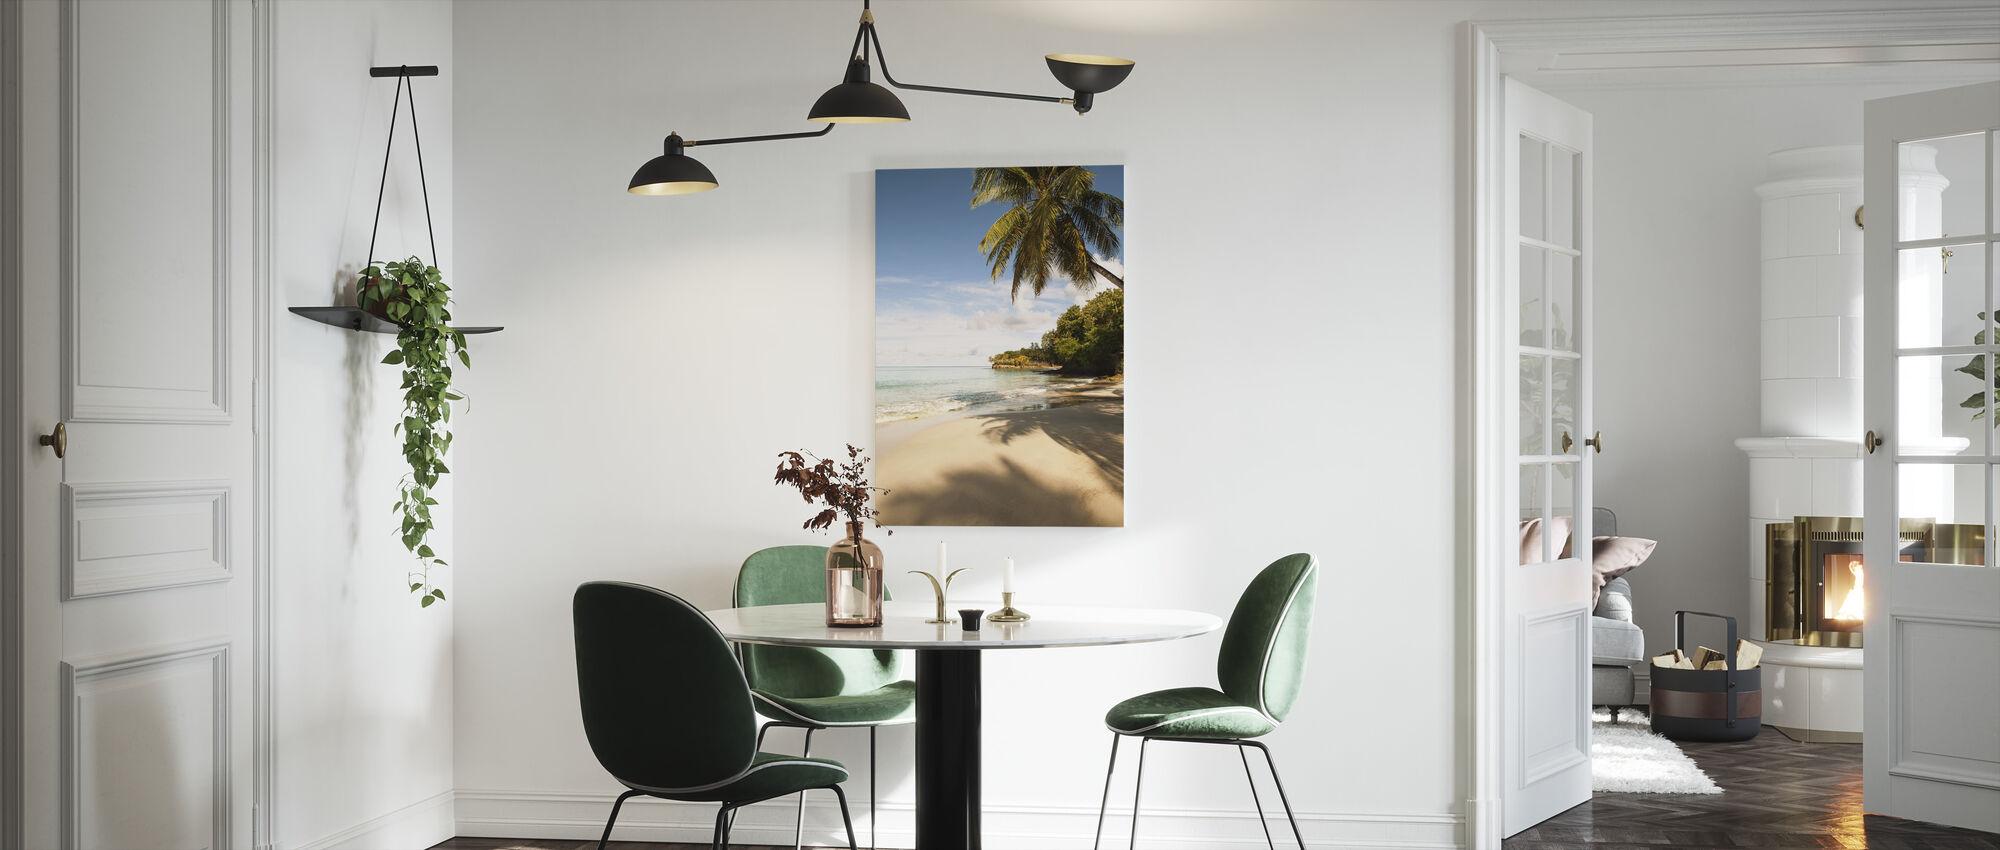 Beach in Saint Lucia, Carribean - Canvas print - Kitchen